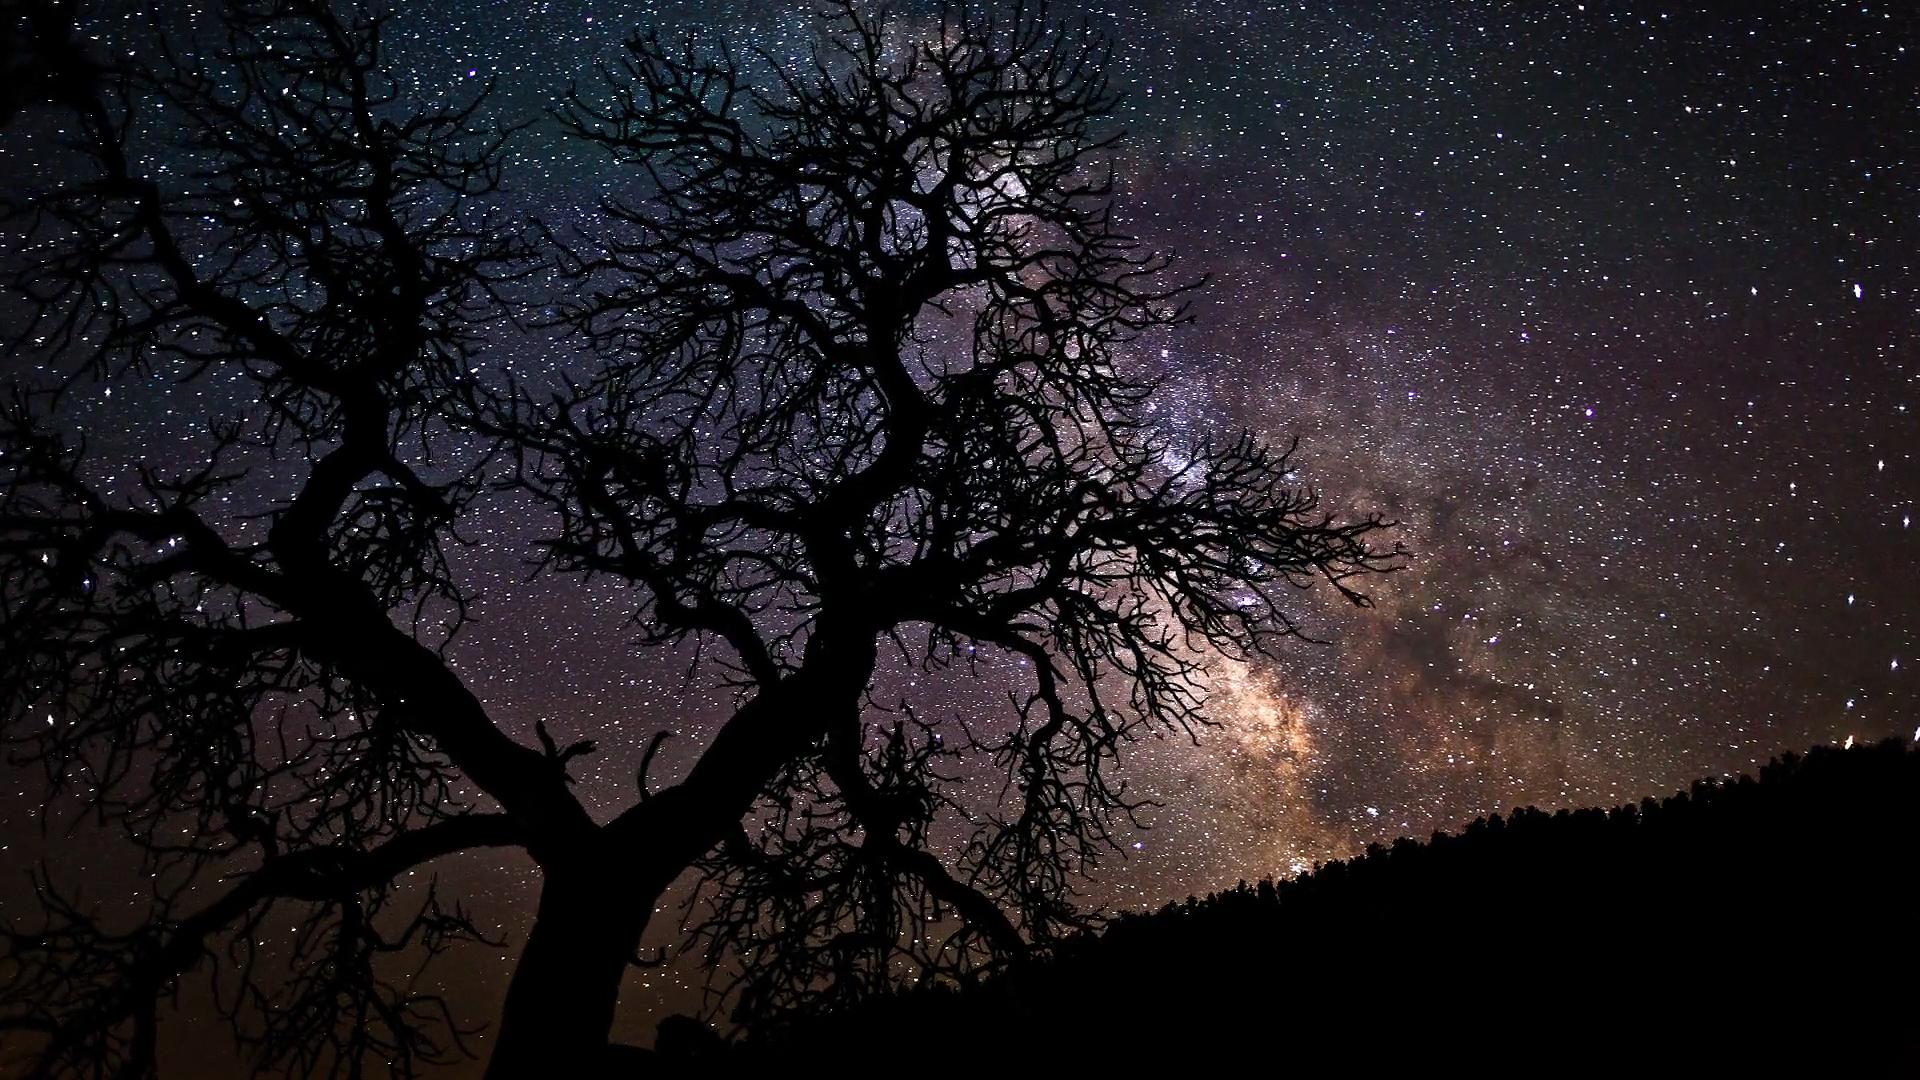 звезды лес кроны бесплатно